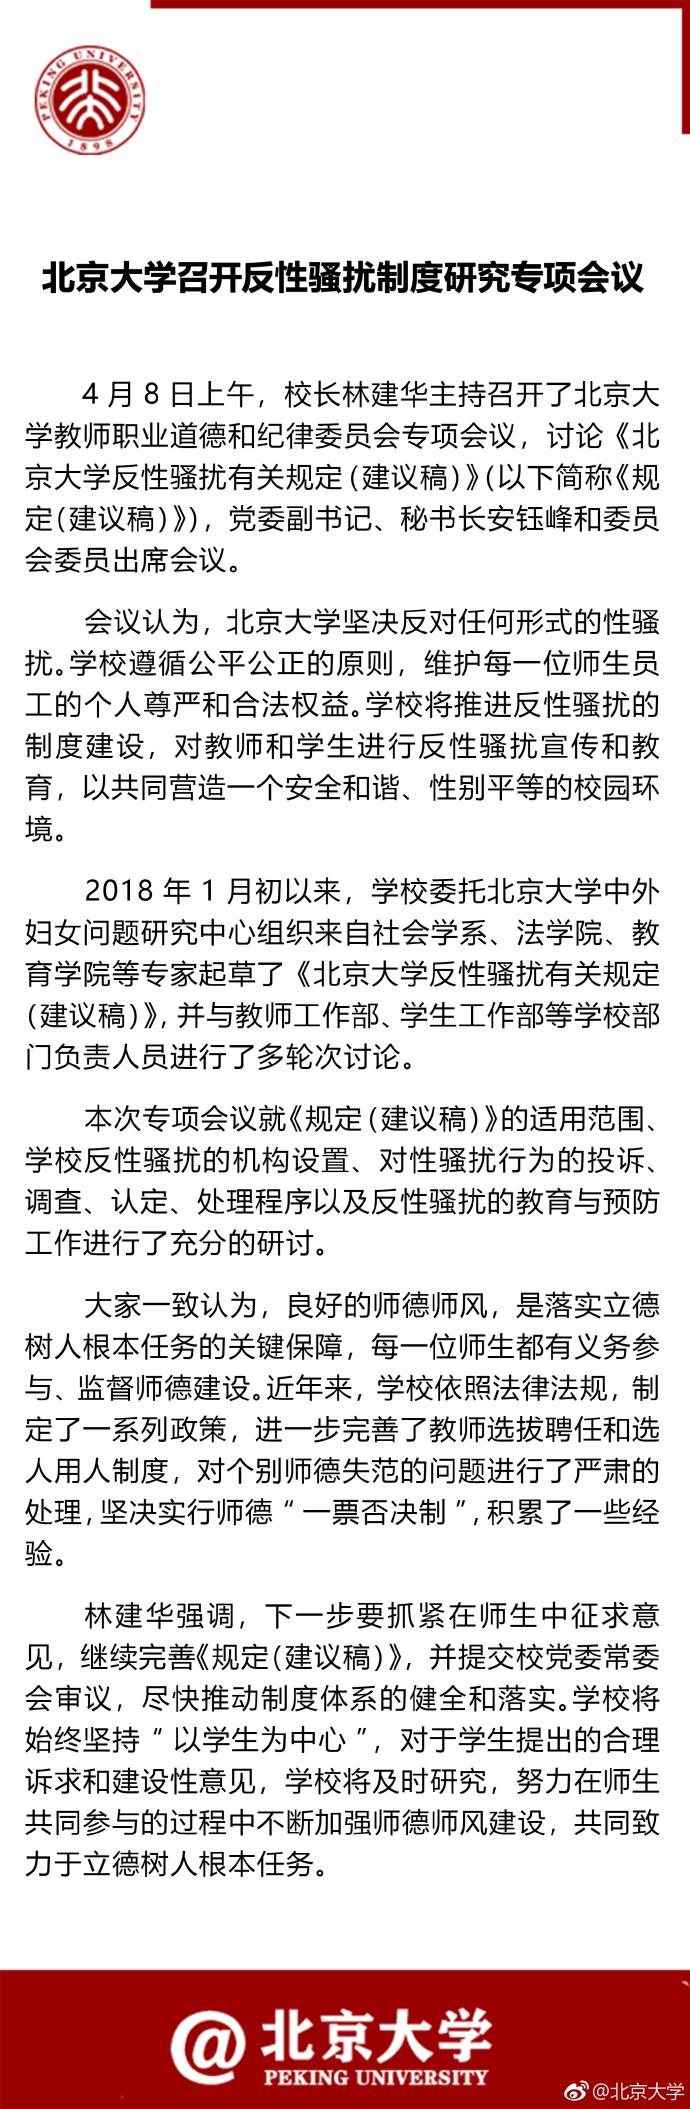 北大召开反性骚扰制度研究会:实行师德一票否决制